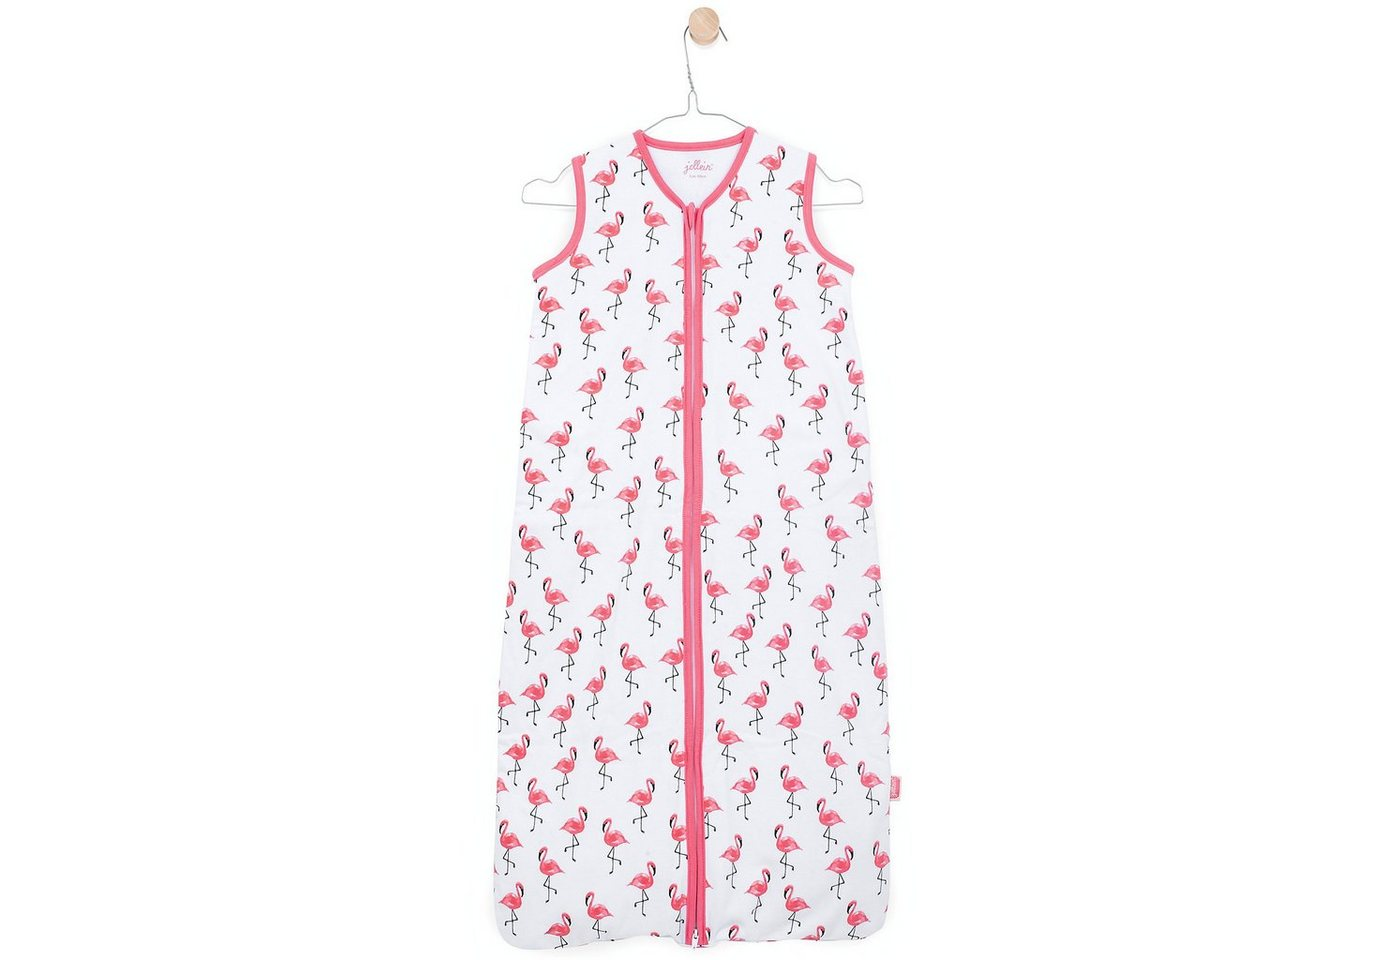 Jollein Sommer- Schlafsack Flamingo, Jersey | Baumarkt > Camping und Zubehör > Schlafsäcke | Rosa | Jollein